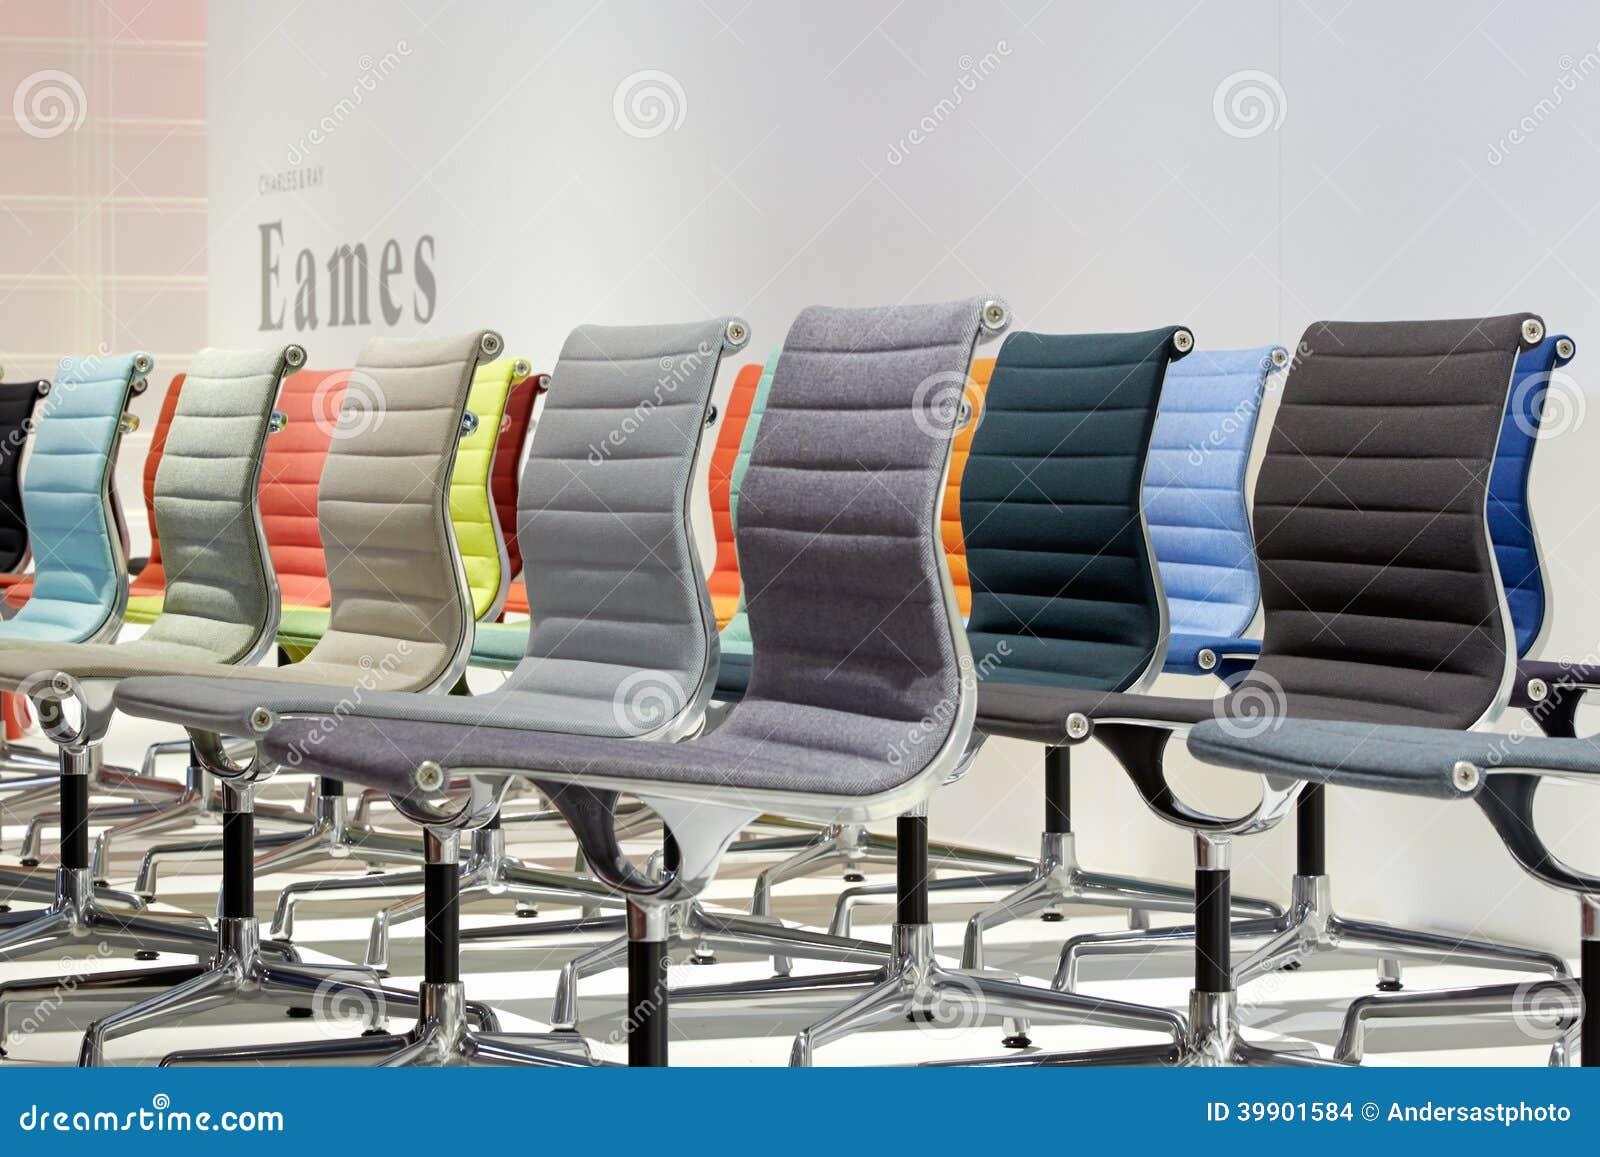 Vitra stand during salone internazionale del mobile in for Salone del mobile vitra